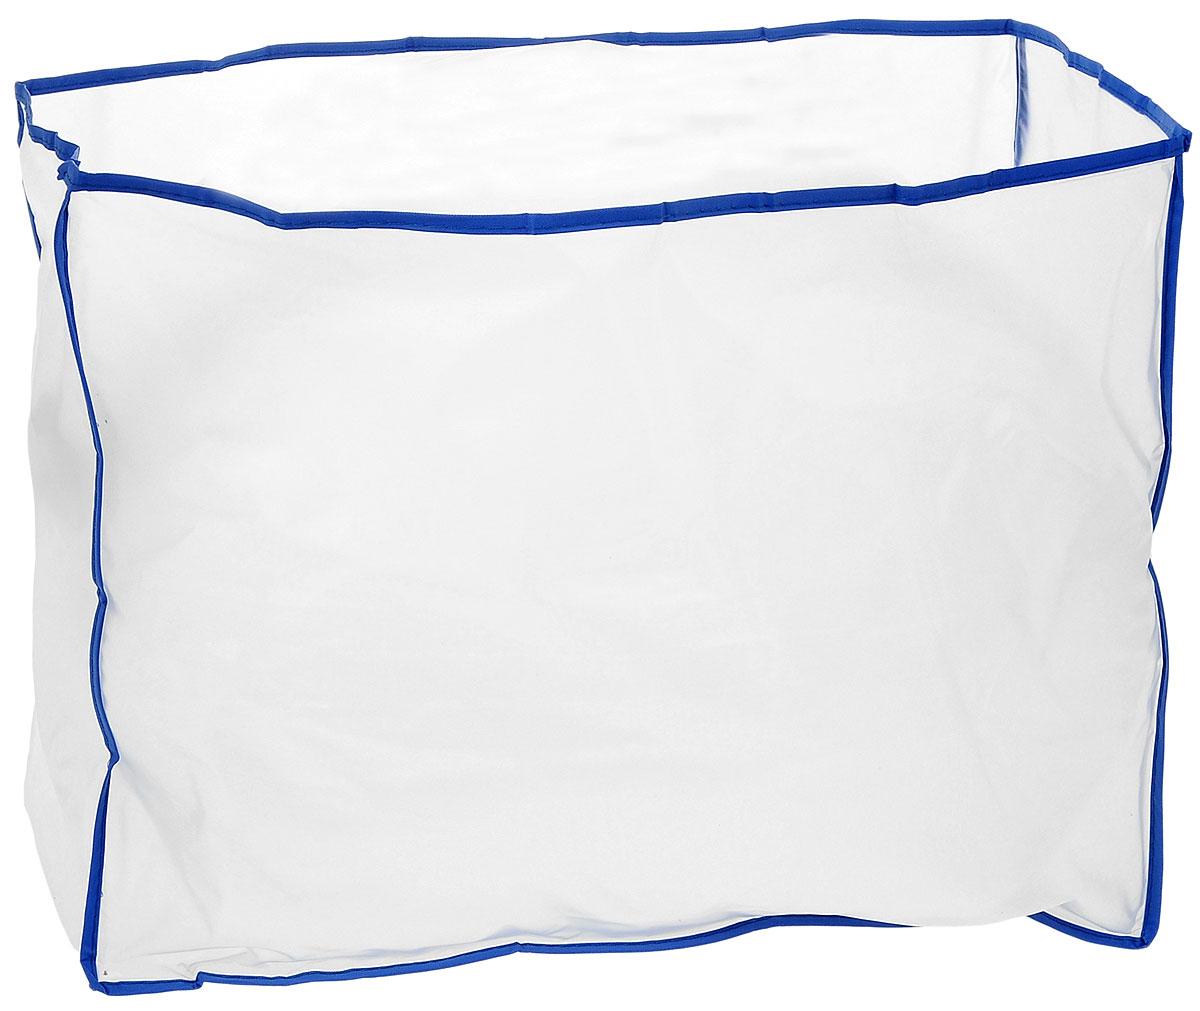 Чехол для швейной машины Hemline, 40 х 30 х 20 см191Чехол Hemline, изготовленный из плотного, полупрозрачного полиэтилена, идеально подходит для любых швейных машин. По краю выполнена синяя оторочка. С таким изделием ваша машинка будет защищена от пыли, грязи, текстильных волокон и солнечного света. Размер чехла: 40 х 30 х 20 см.